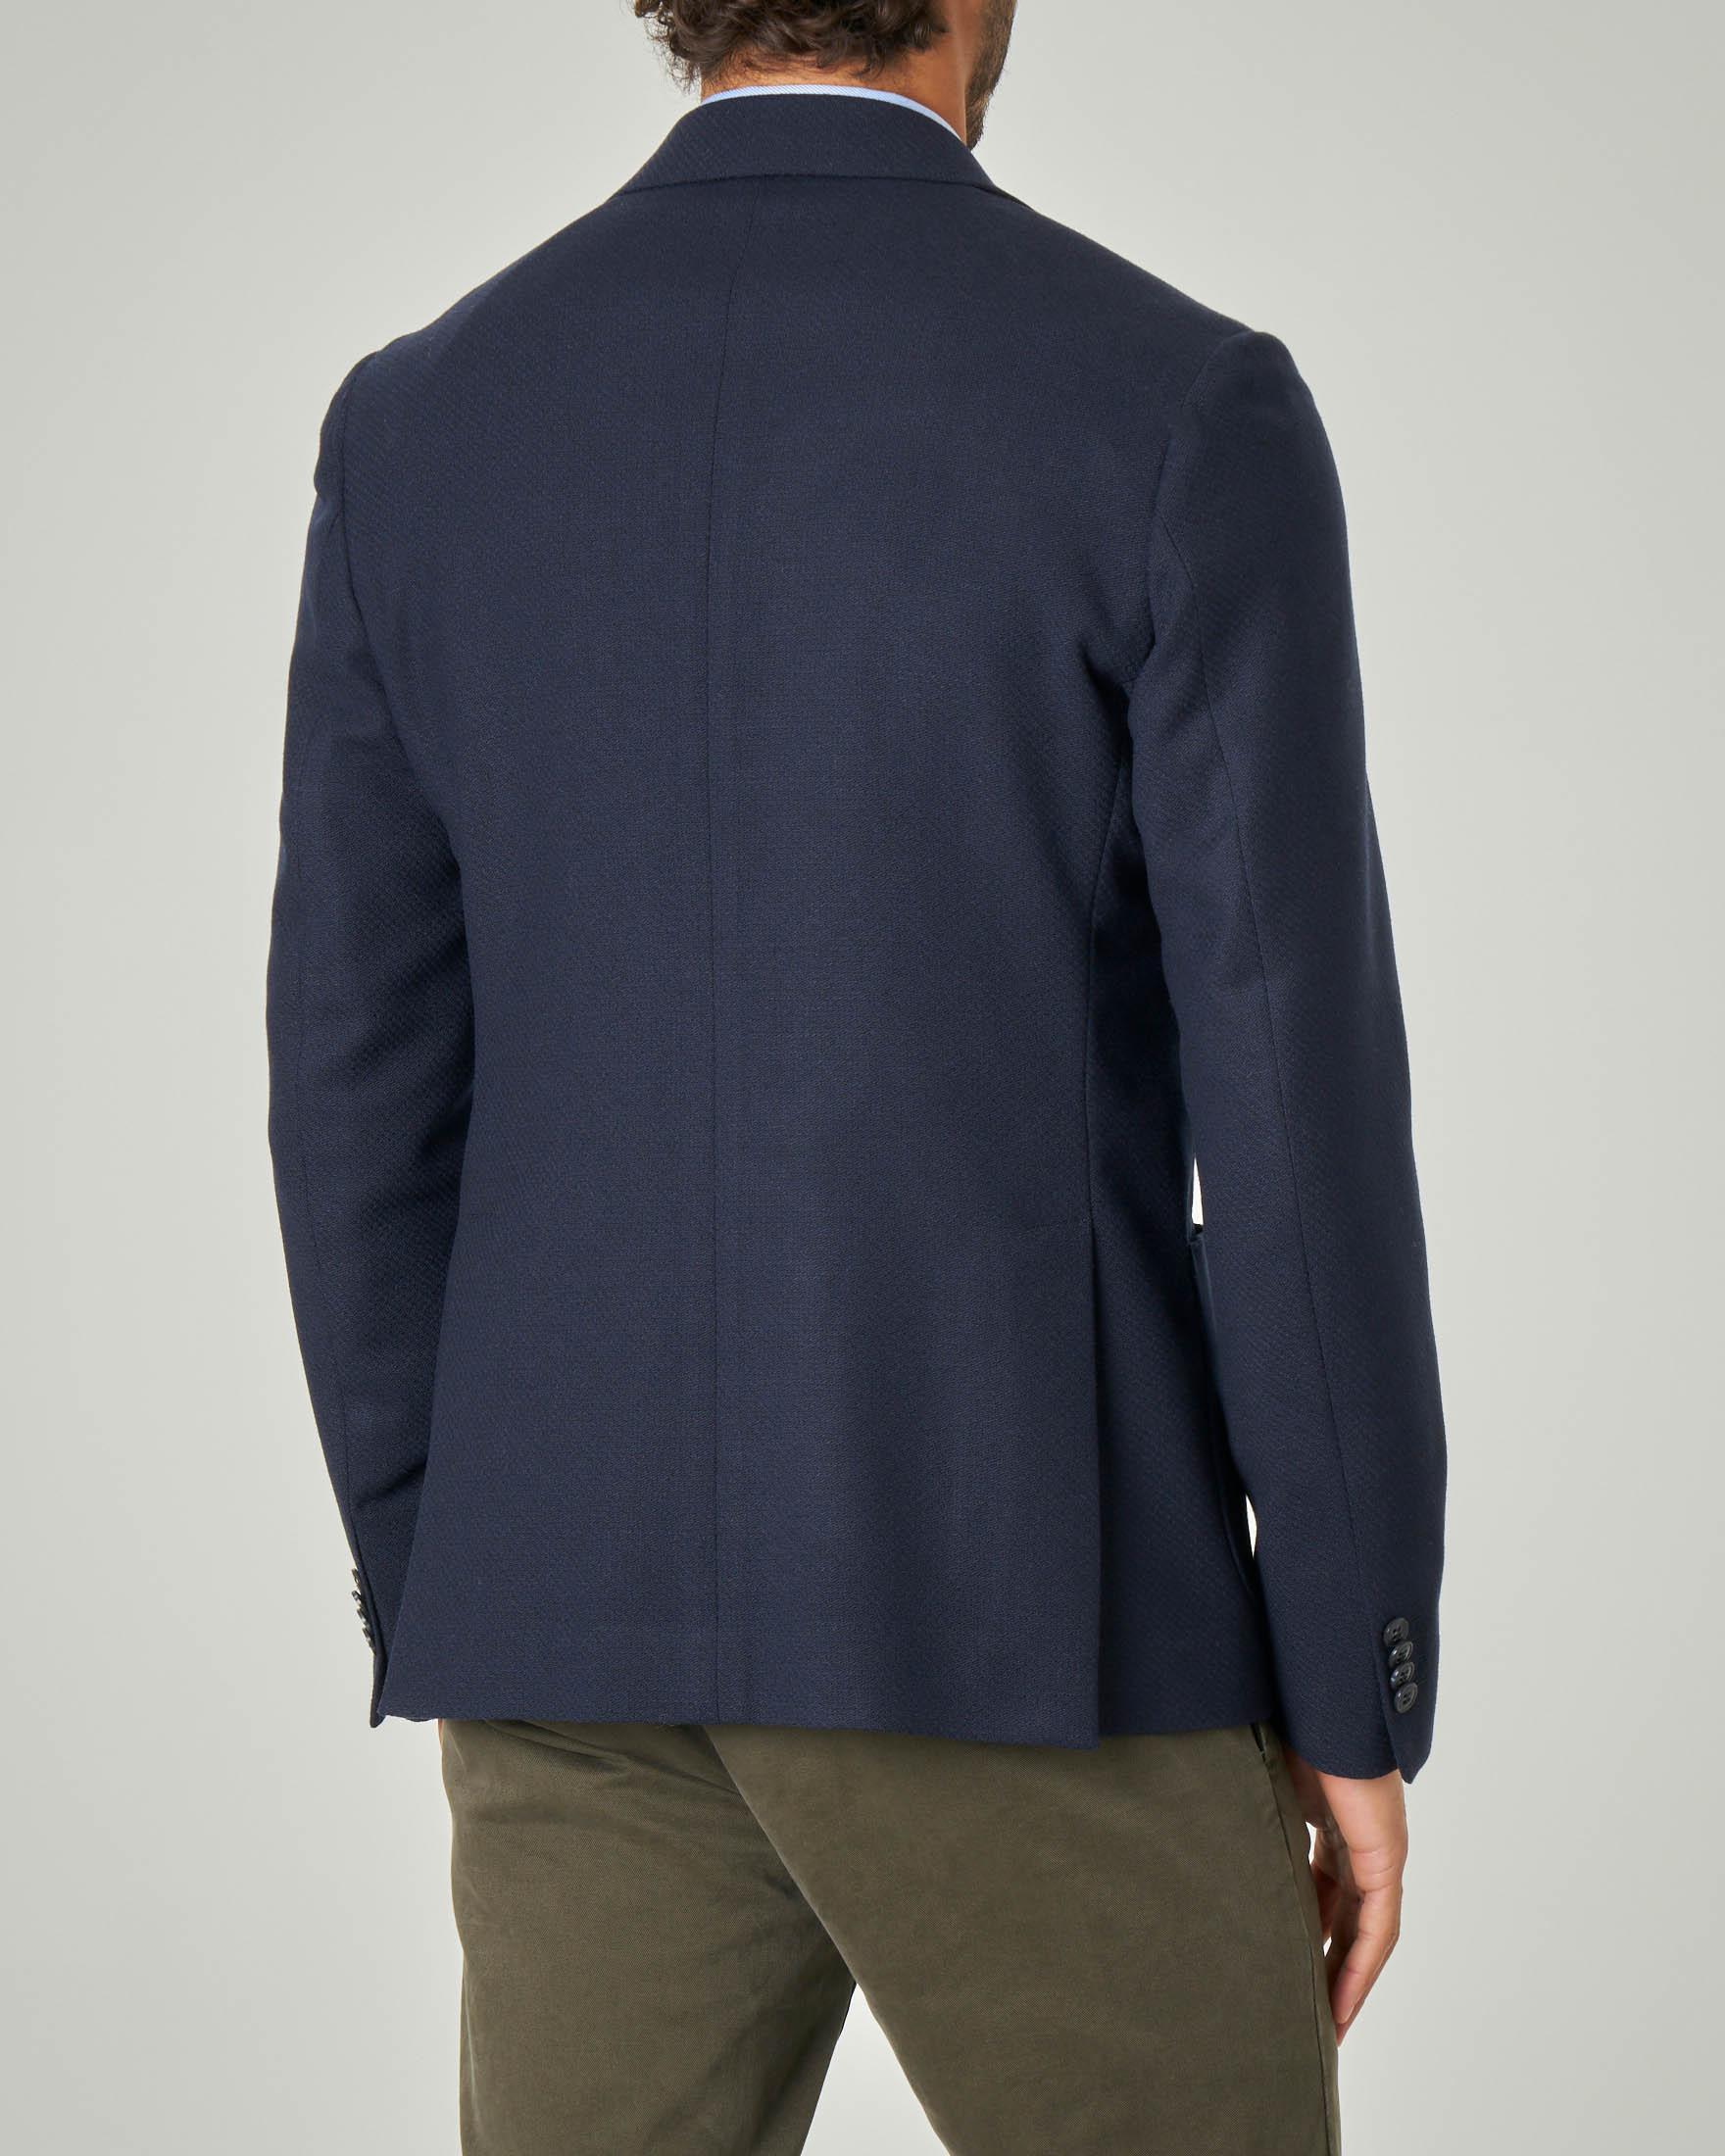 Blazer blu micro-armatura in tela di lana stretch